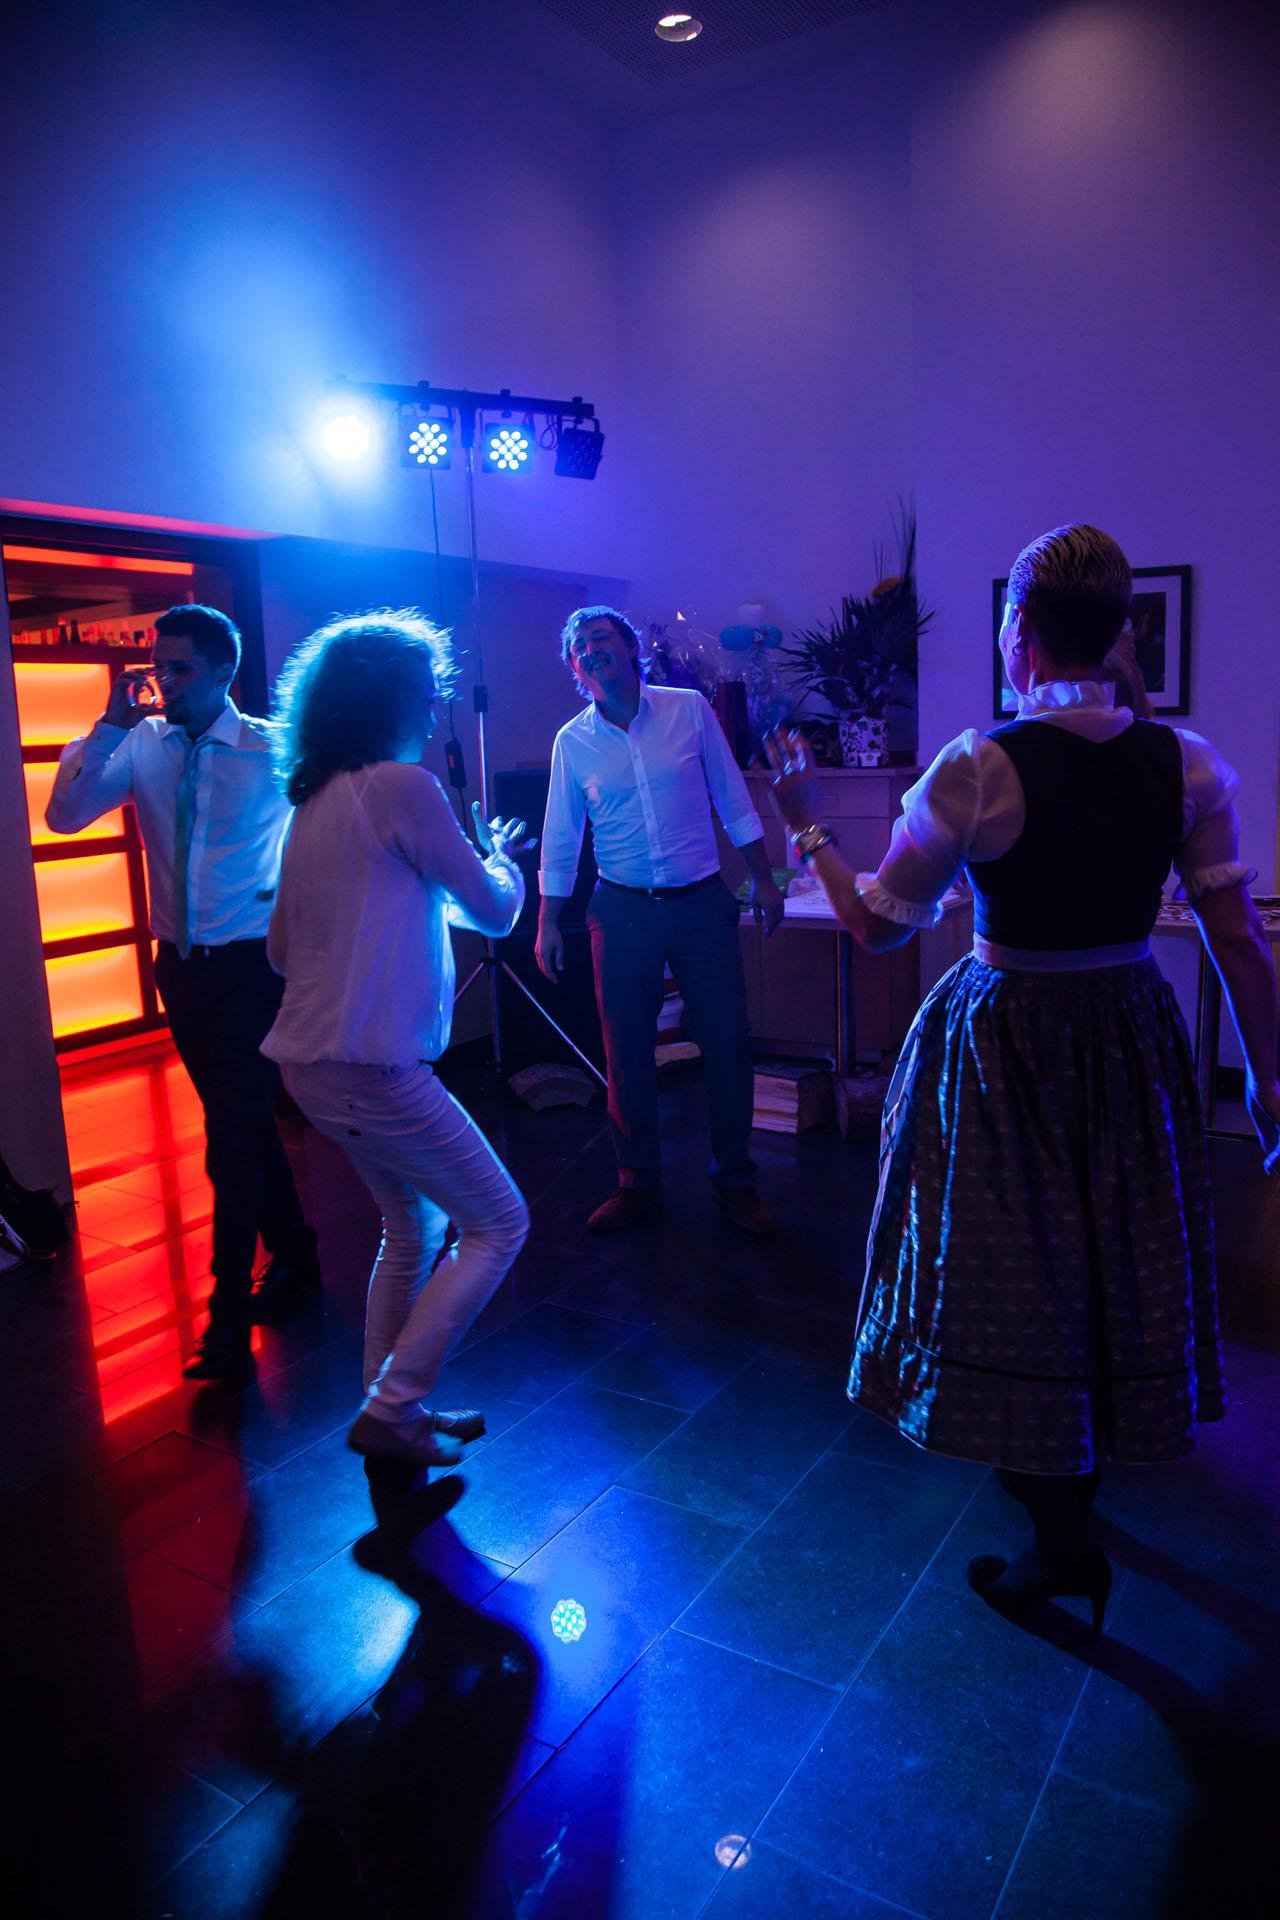 Hochzeitsfeier Party am Abend